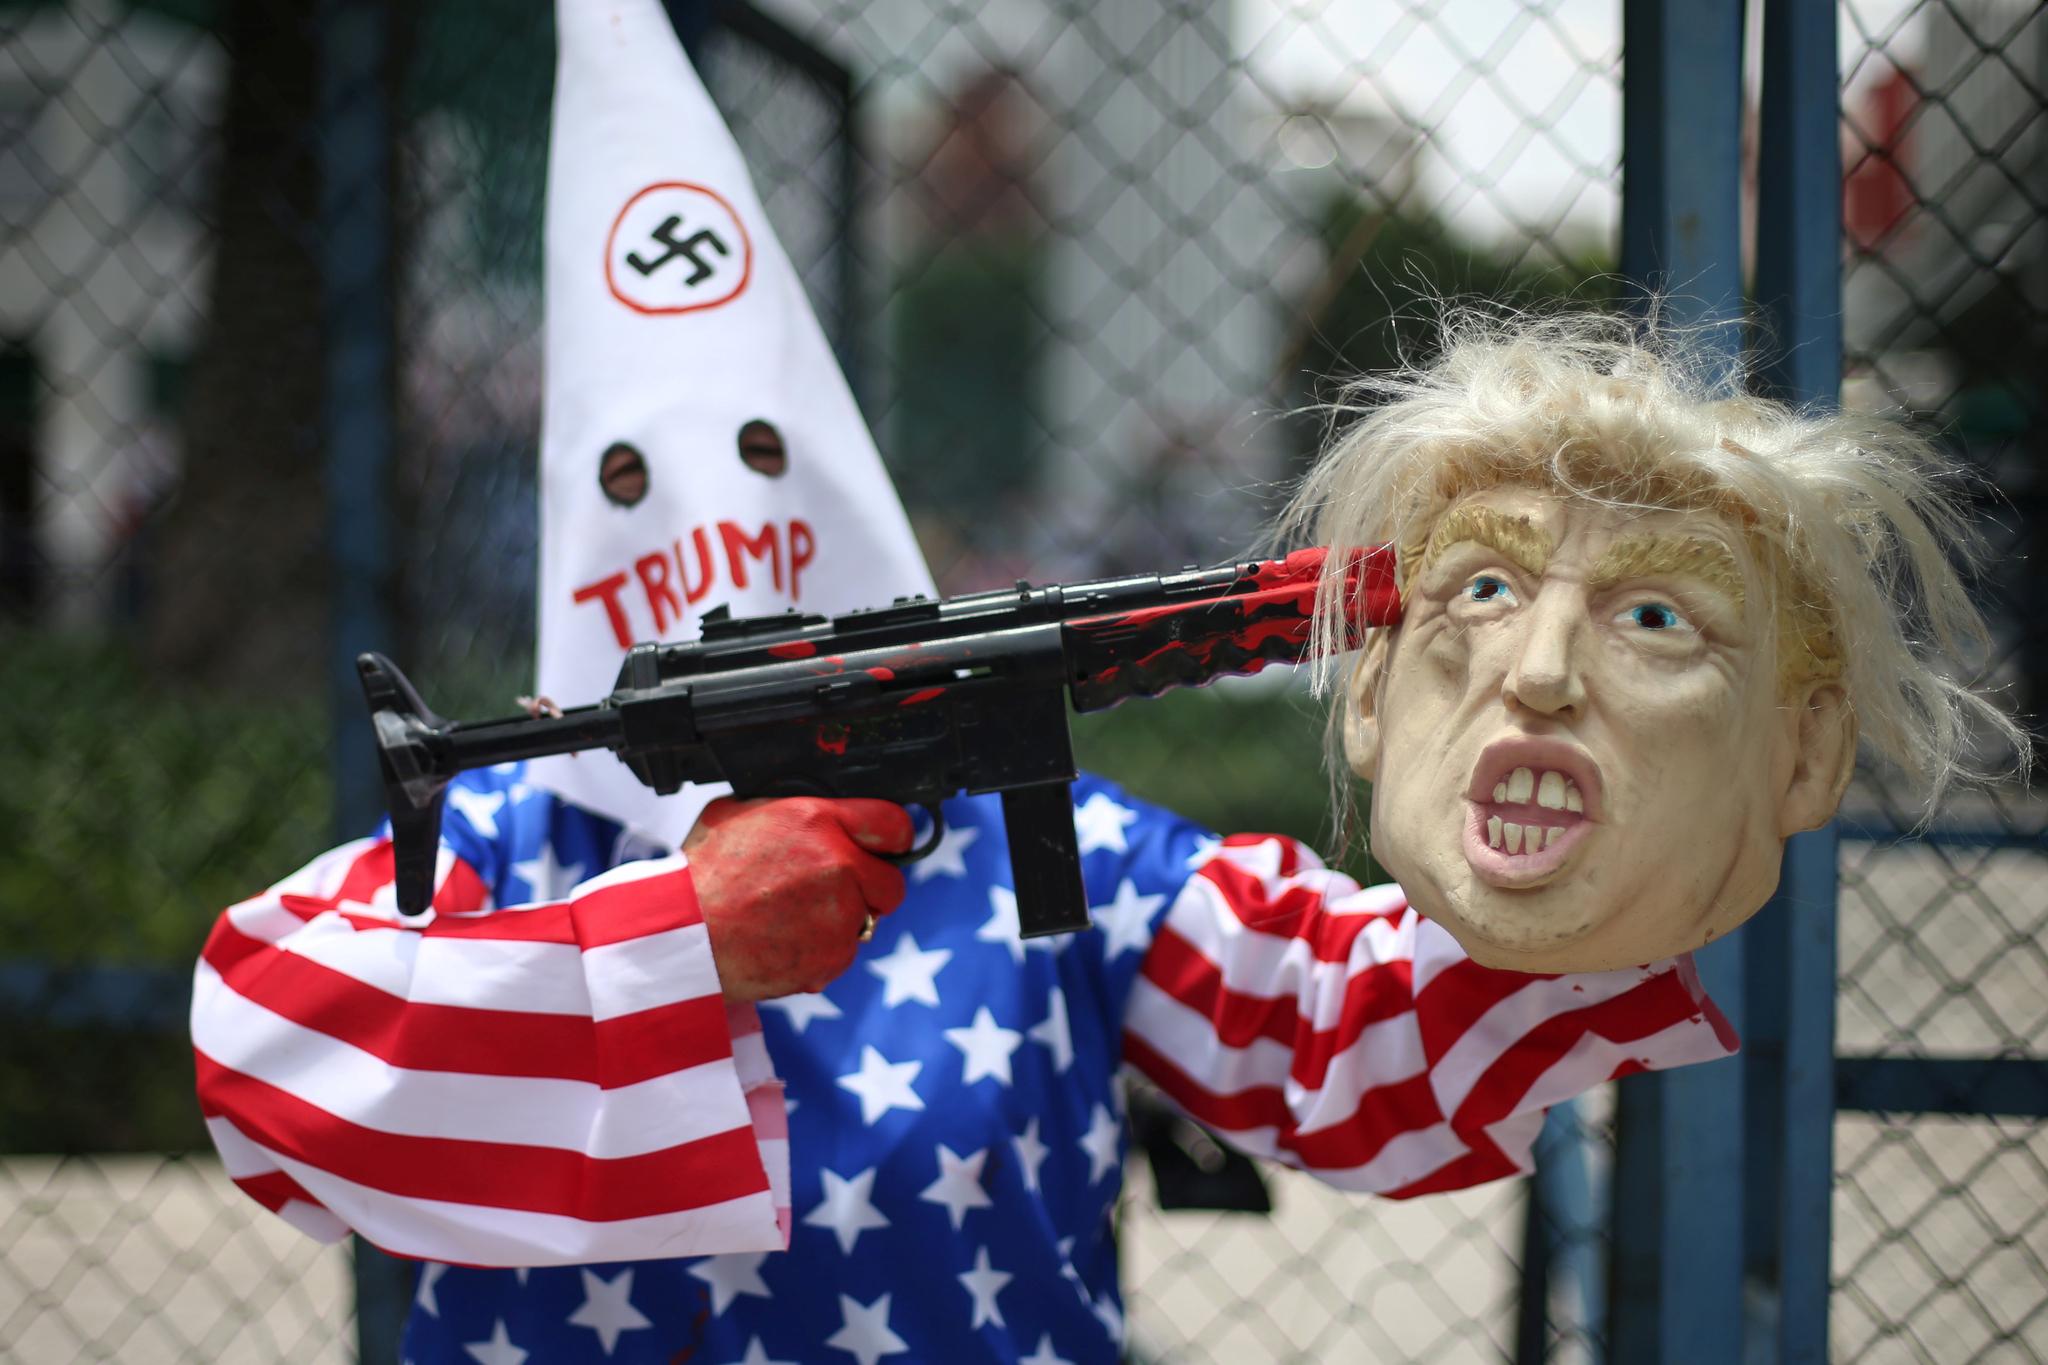 한 멕시코 시민이 6일(현지시간) 멕시코시티 미국 대사관 앞에서 엘패소 총기사고에 항의하며 장난감 총으로 트럼프 대통령을 겨누고 있다. 엘패소에선 한 백인 남성이 쇼핑몰에서 총기를 난사해 멕시코인 8명을 포함해 22명이 숨지고 24명이 다쳤다. [로이터=연합뉴스]